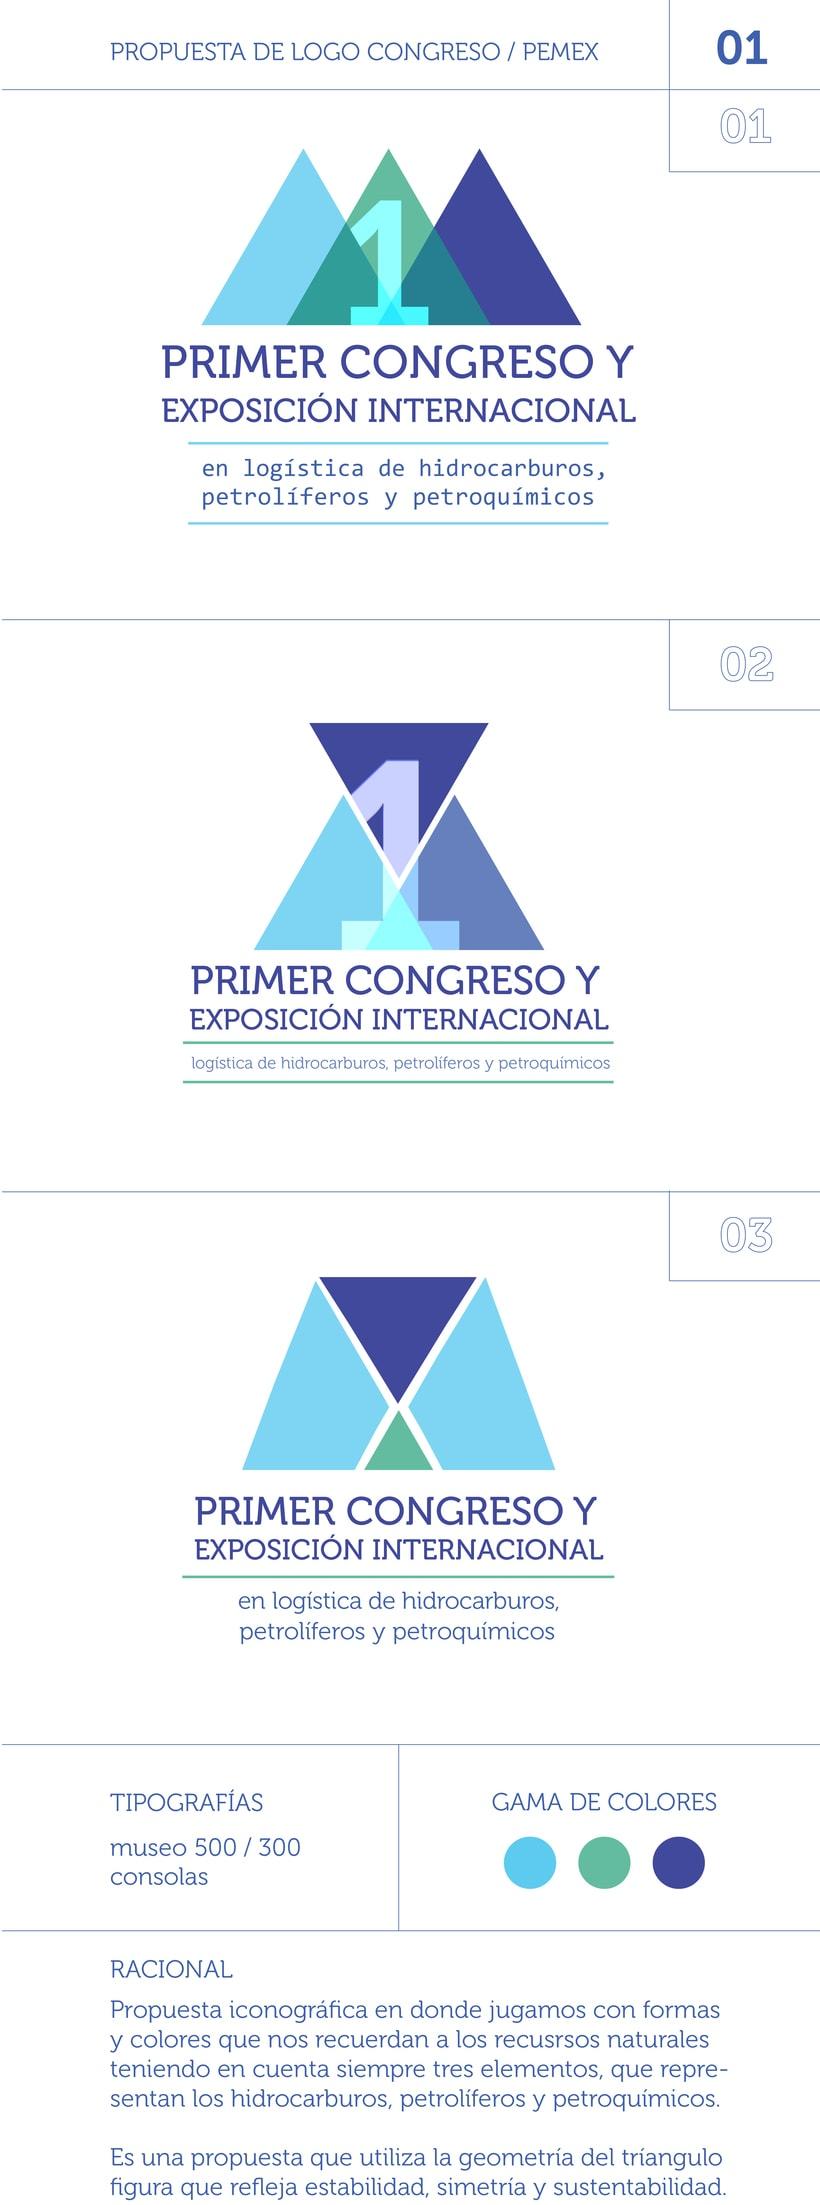 PRIMER CONGRESO Y EXPO INTERNACIONAL PEMEX -1